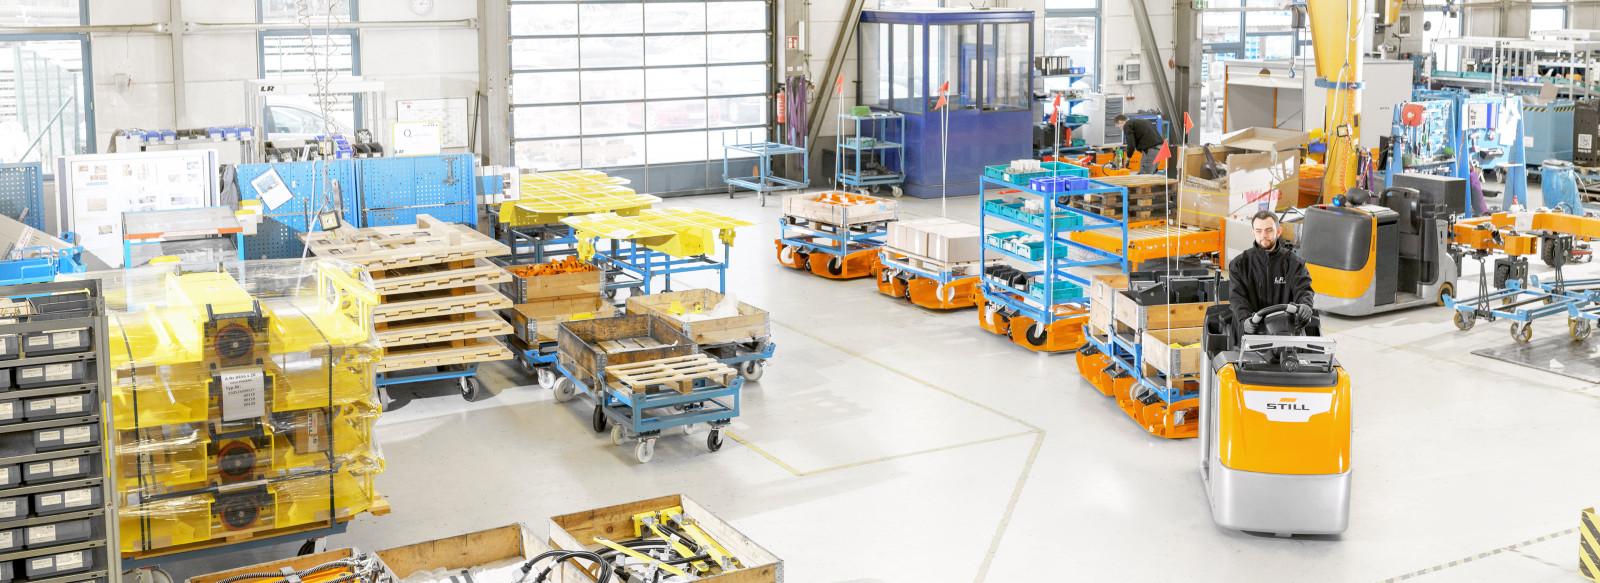 LiftRunner® de STILL - Un approvisionnement efficace de la ligne de production grâce aux trains de remorque